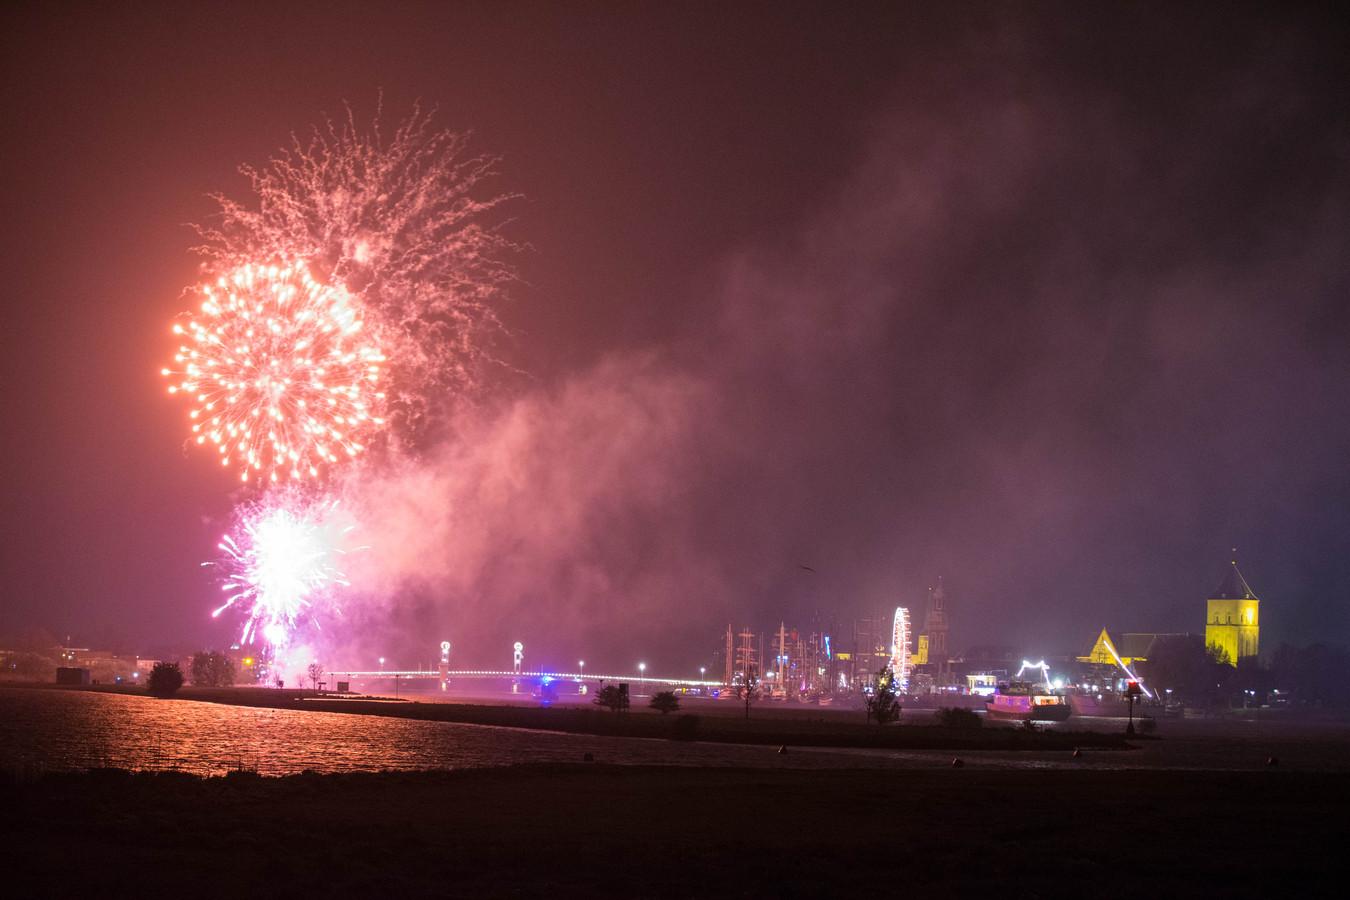 Vuurwerk boven kampen als afsluiting van Sail Kampen in 2014.